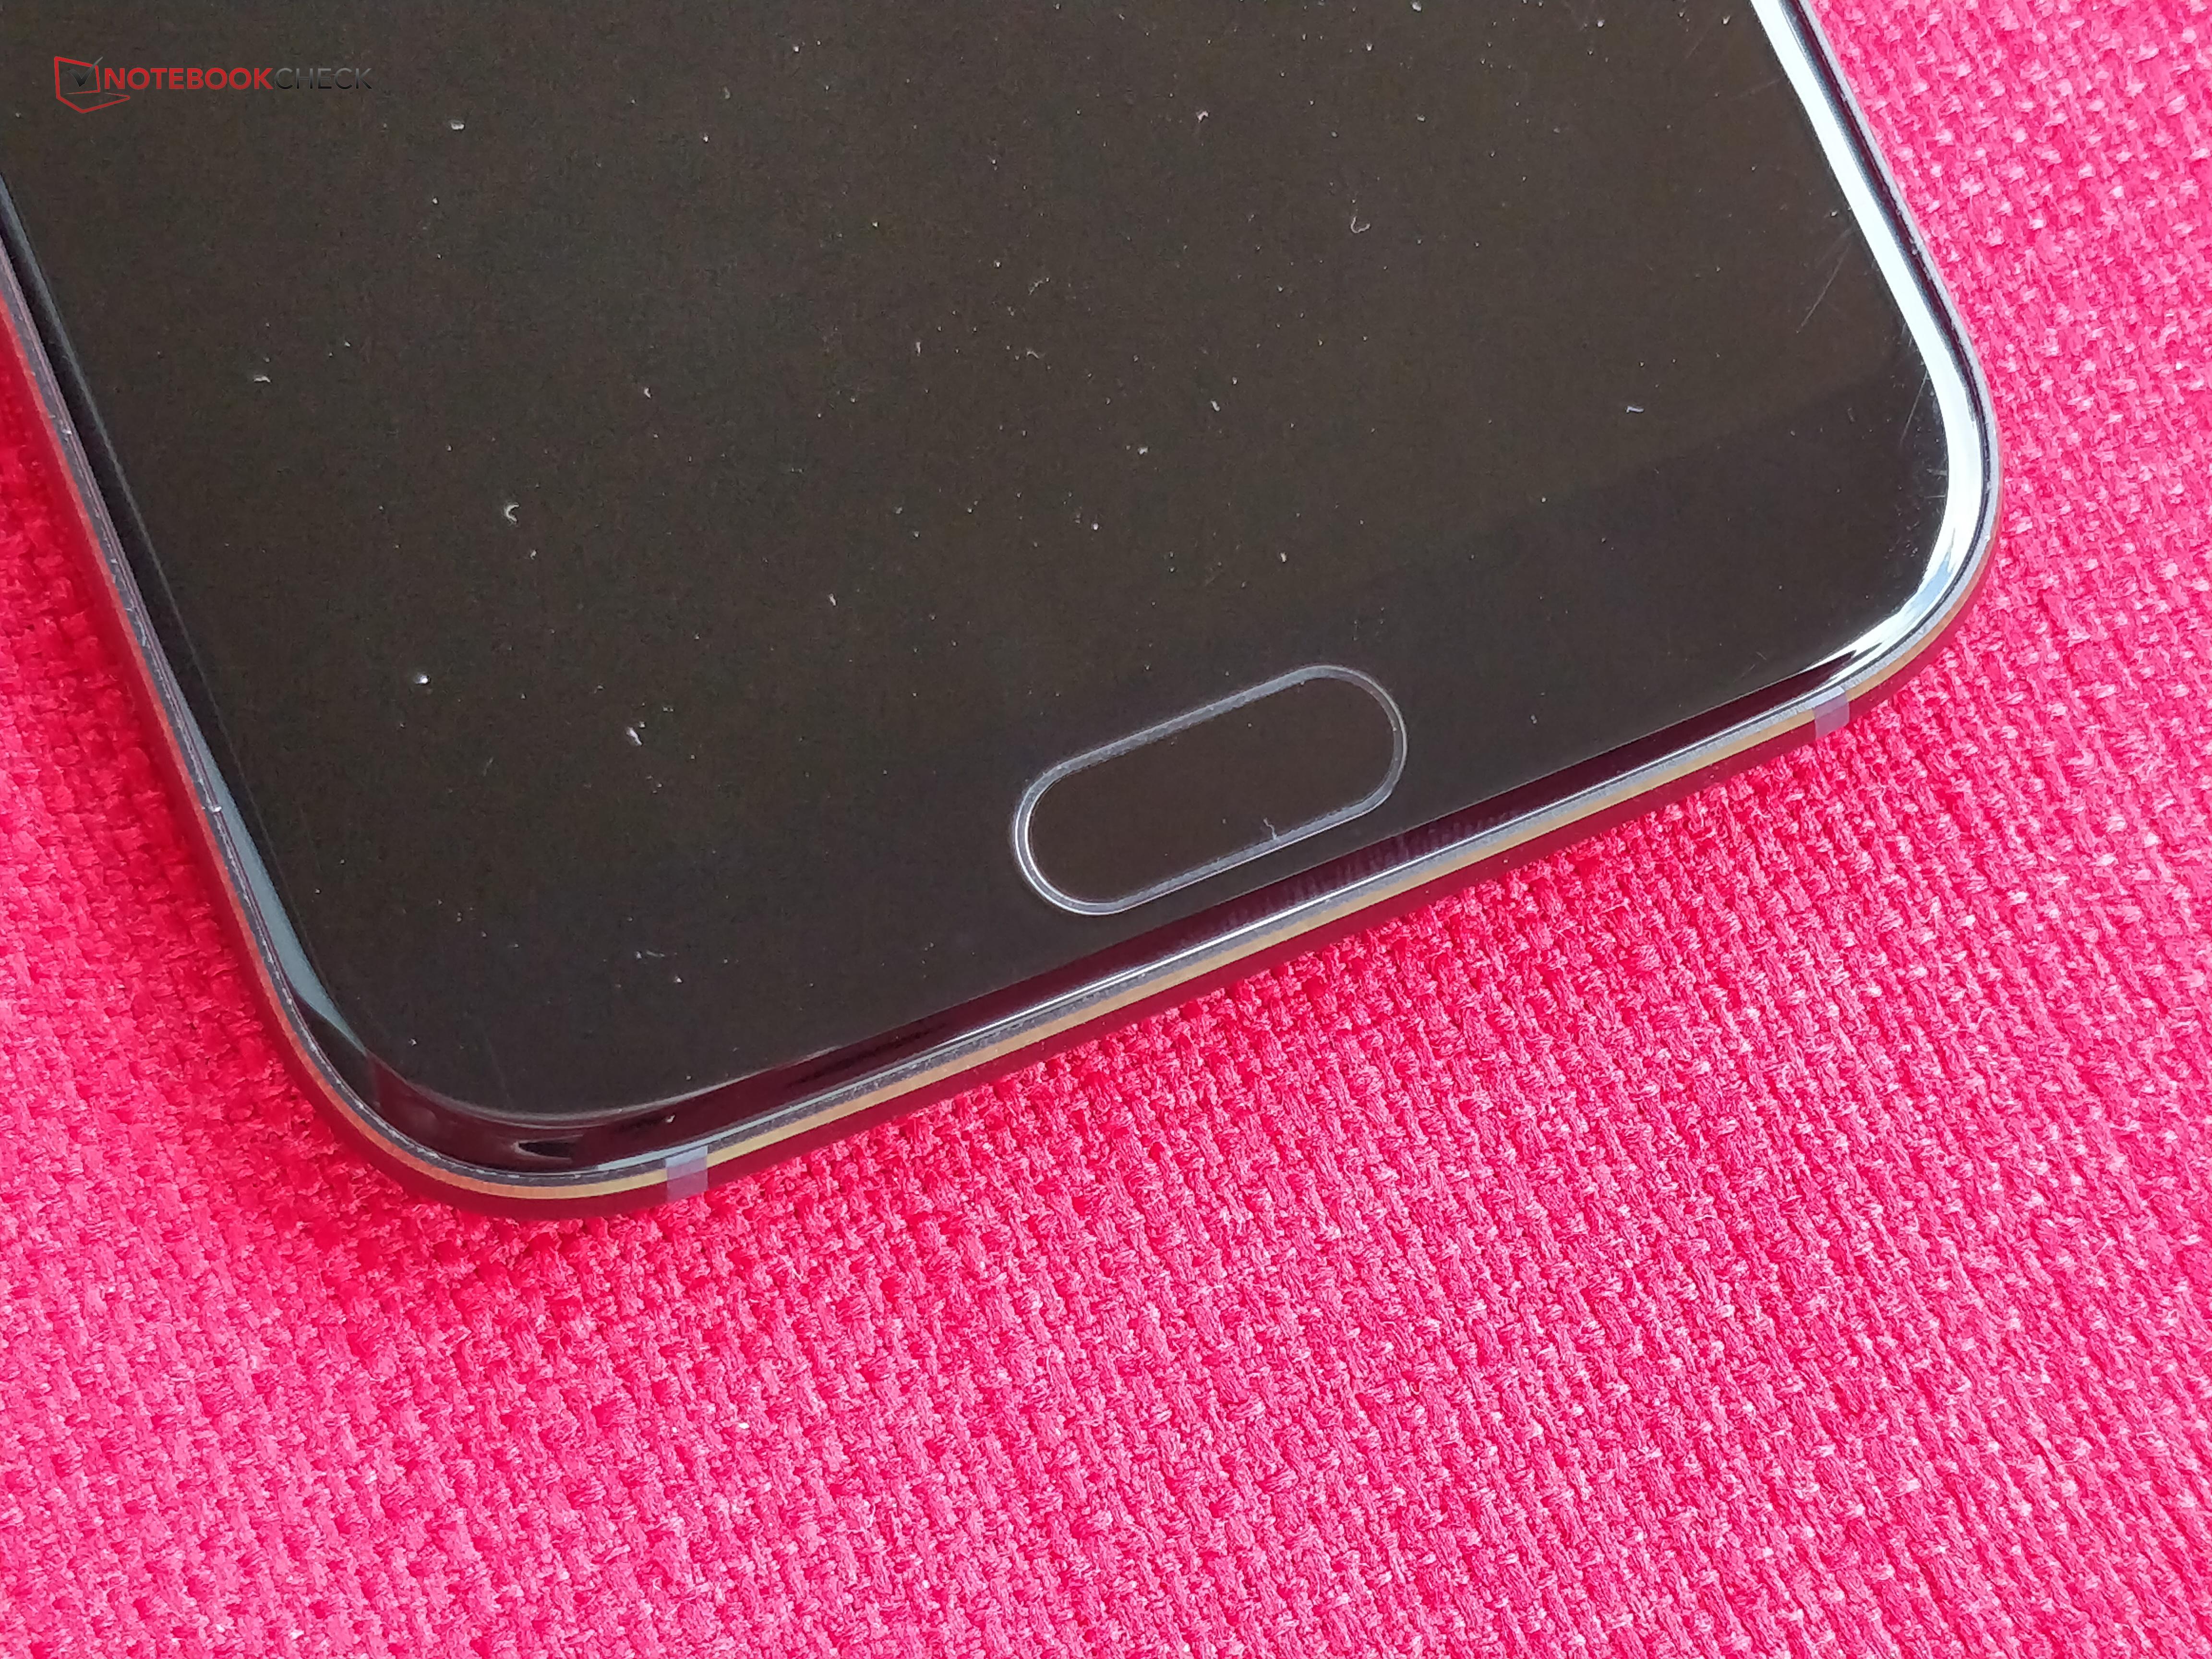 Xiaomi Black Shark Smartphone Review - NotebookCheck net Reviews